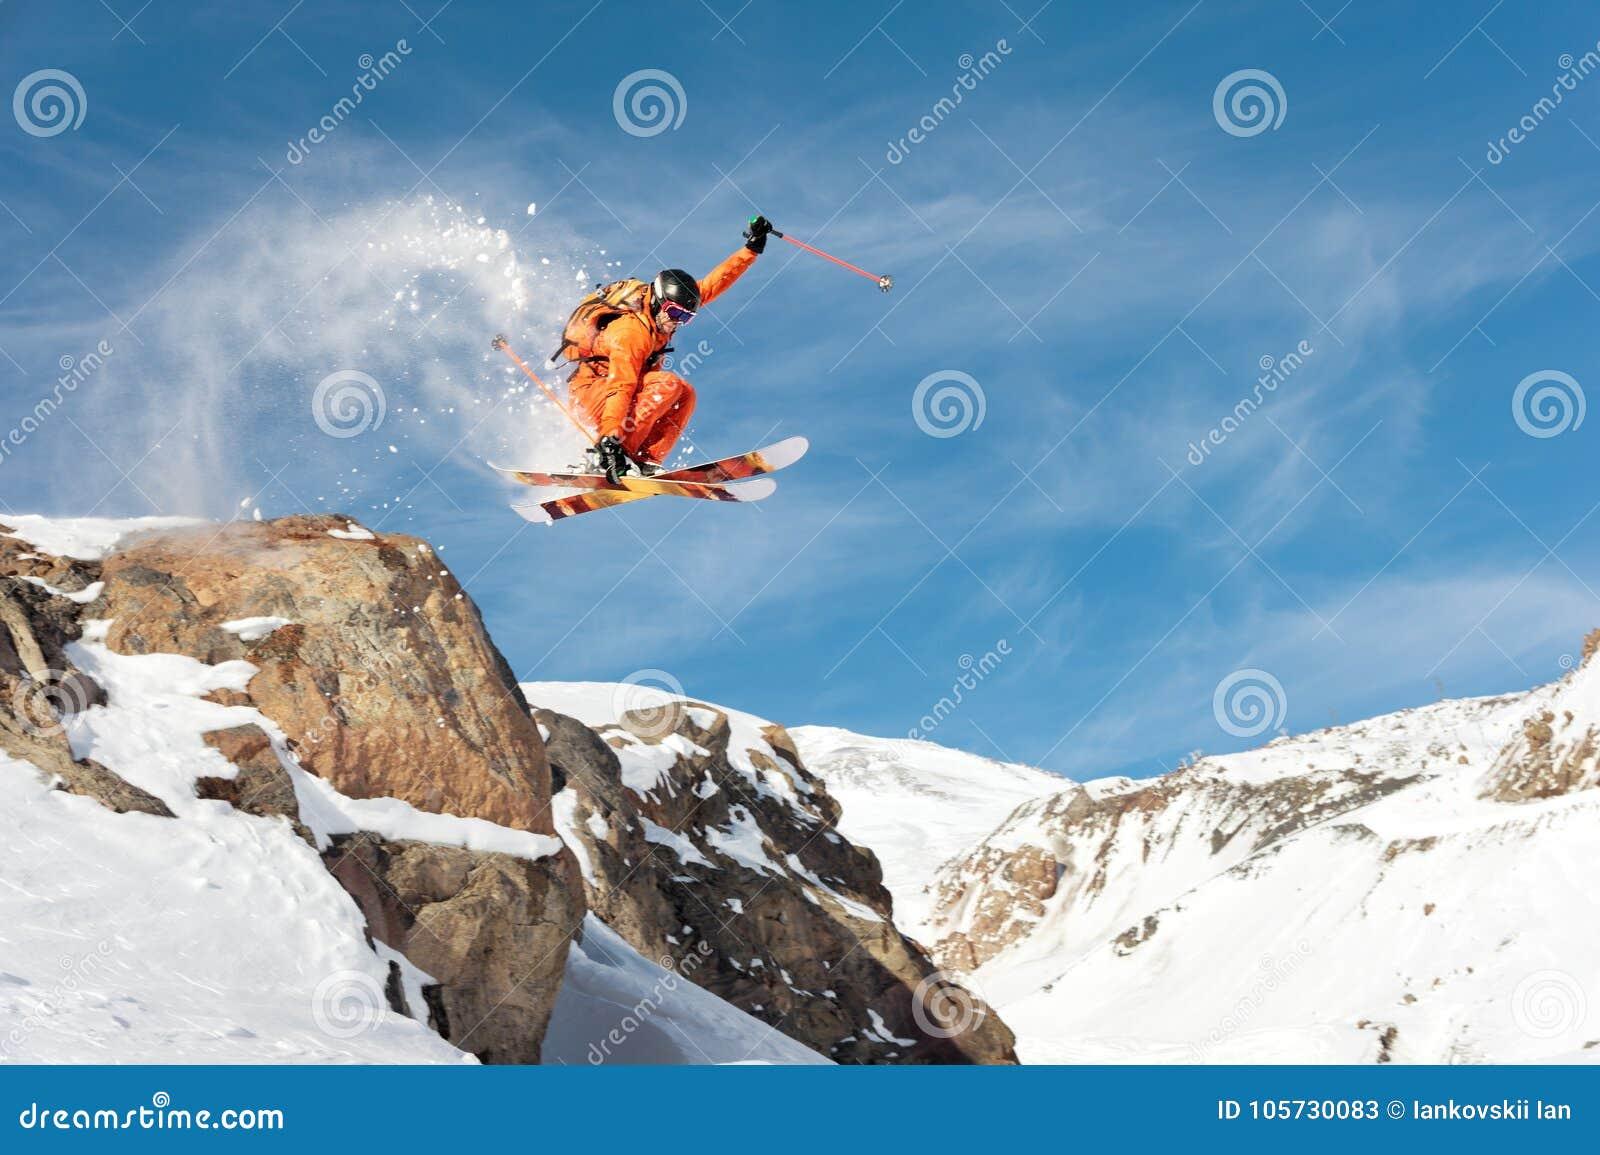 Um esquiador profissional faz uma salto-gota de um penhasco alto contra um céu azul que deixa uma fuga do pó da neve no